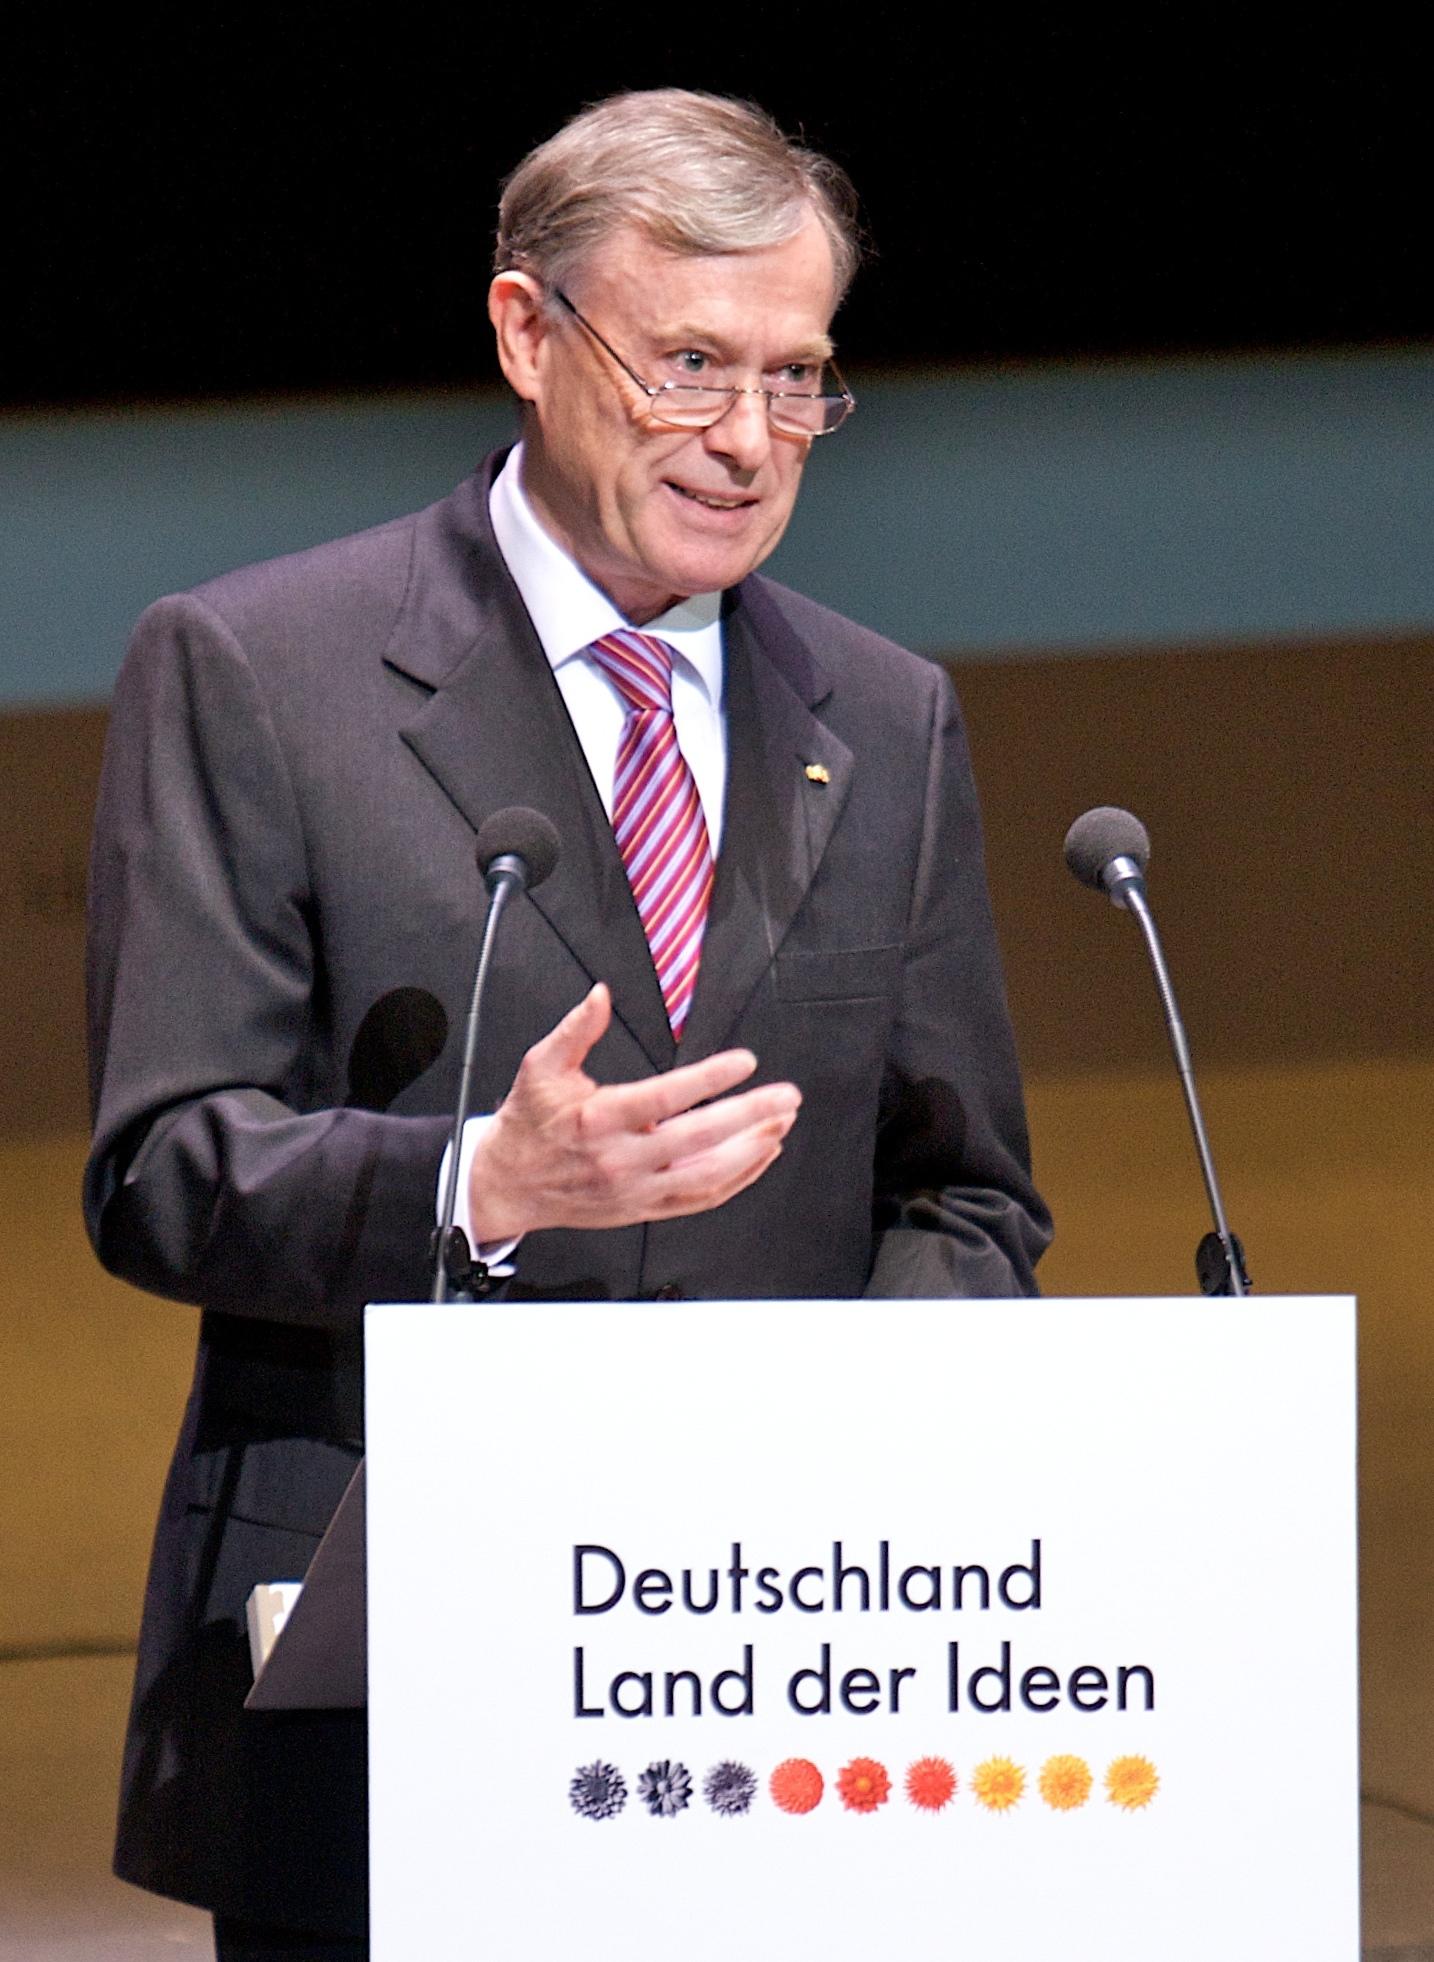 Horst Köhler en 2010.